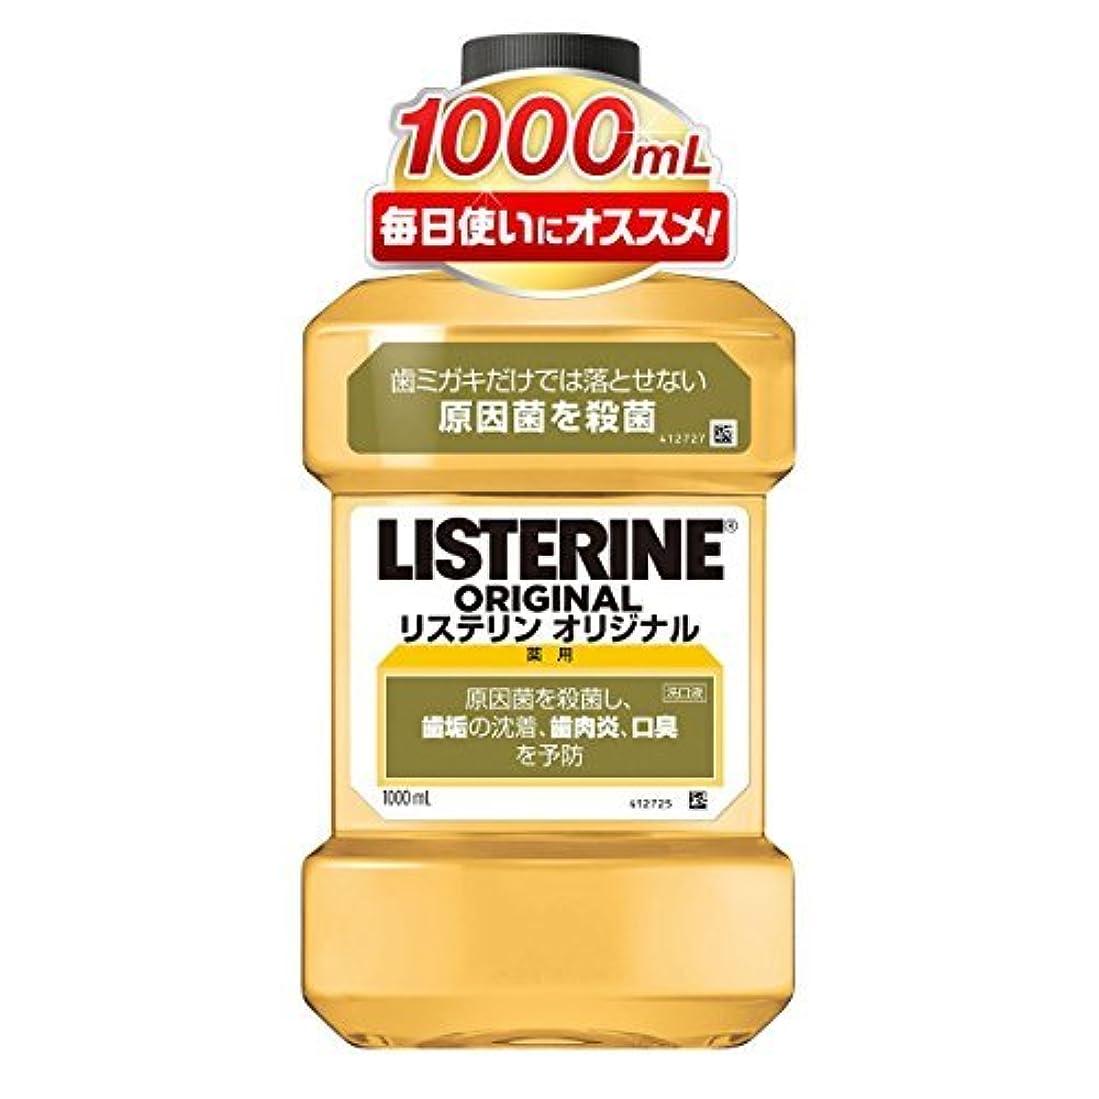 フルーツ野菜残基滝薬用リステリン オリジナル 1000ml ×6個セット